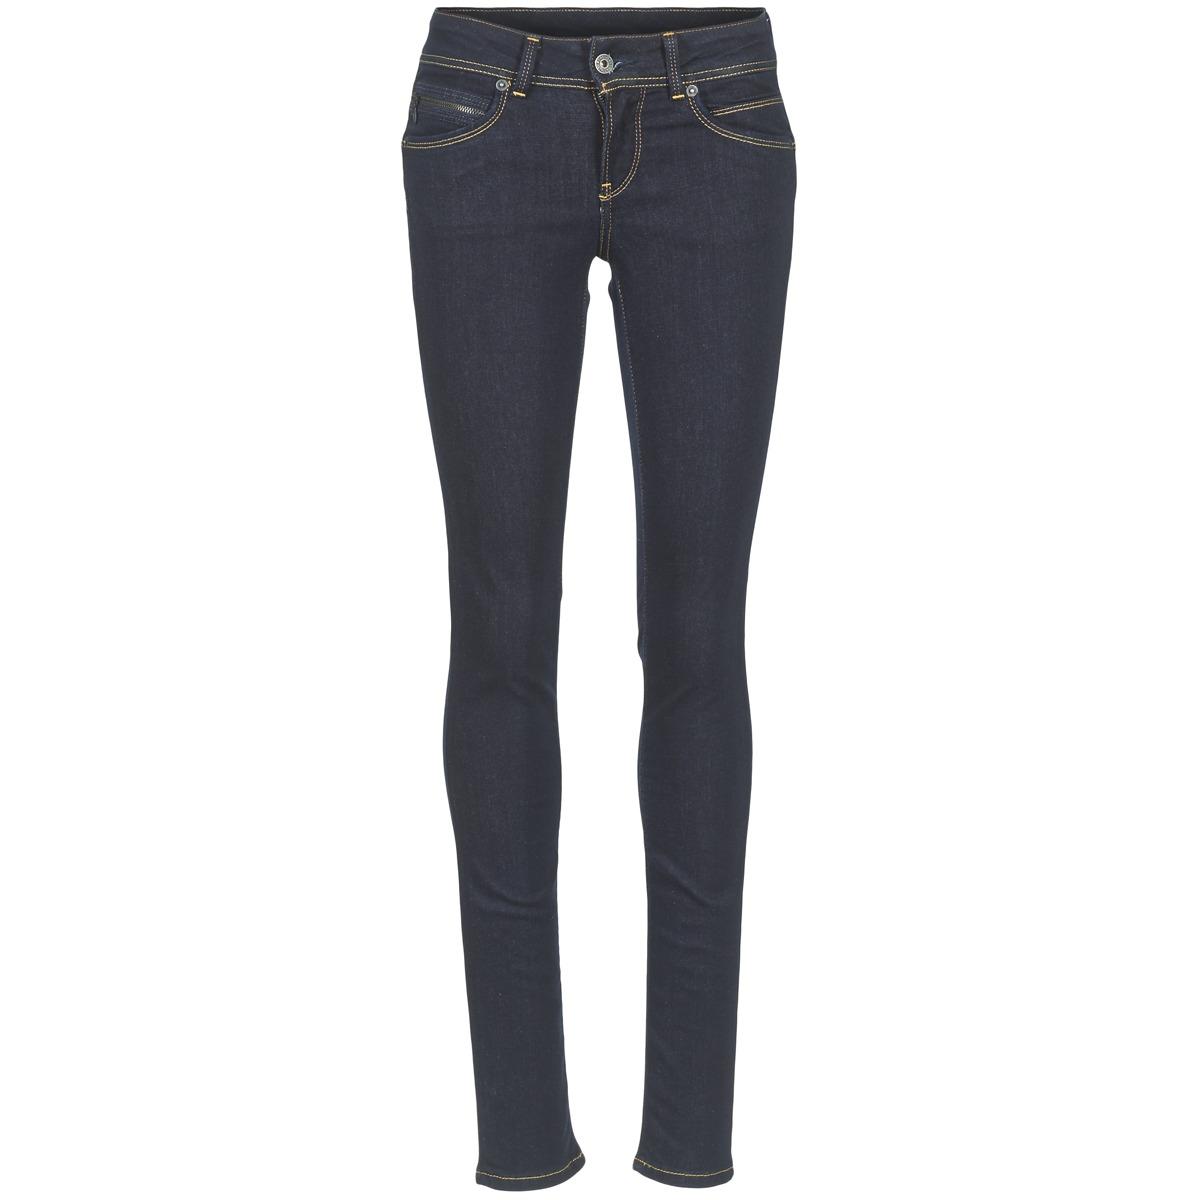 Pepe jeans NEW BROOKE M15 Bleu Brut - Livraison Gratuite avec Spartoo.com !  - Vêtements Jeans slim Femme 63,19 €